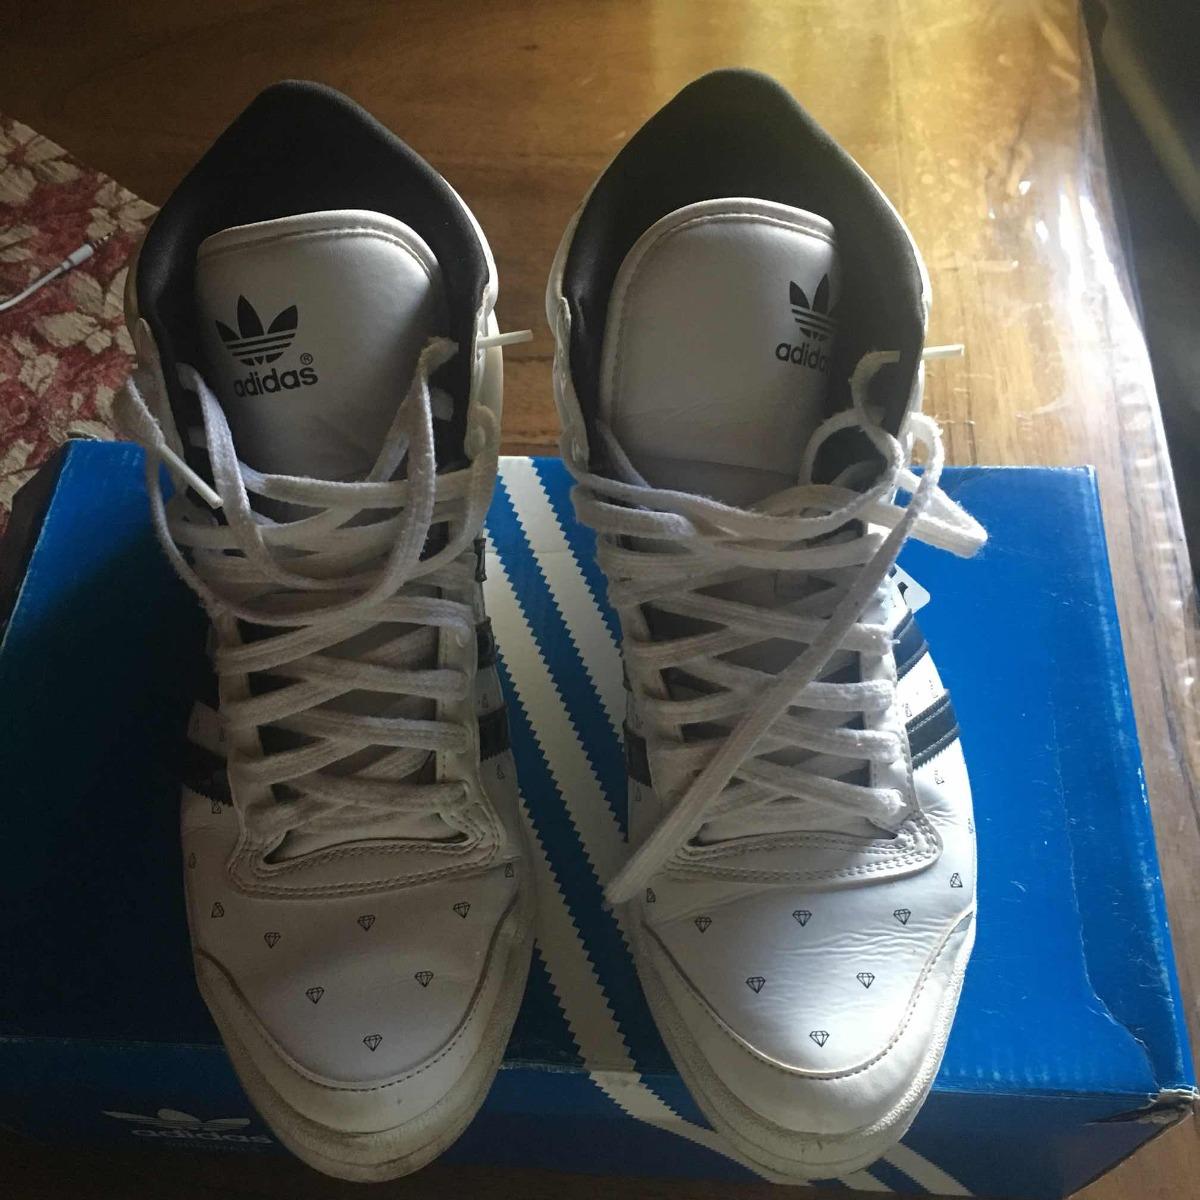 47f972875c2c3 botitas zapatillas adidas top ten hi sleek 39. Cargando zoom.